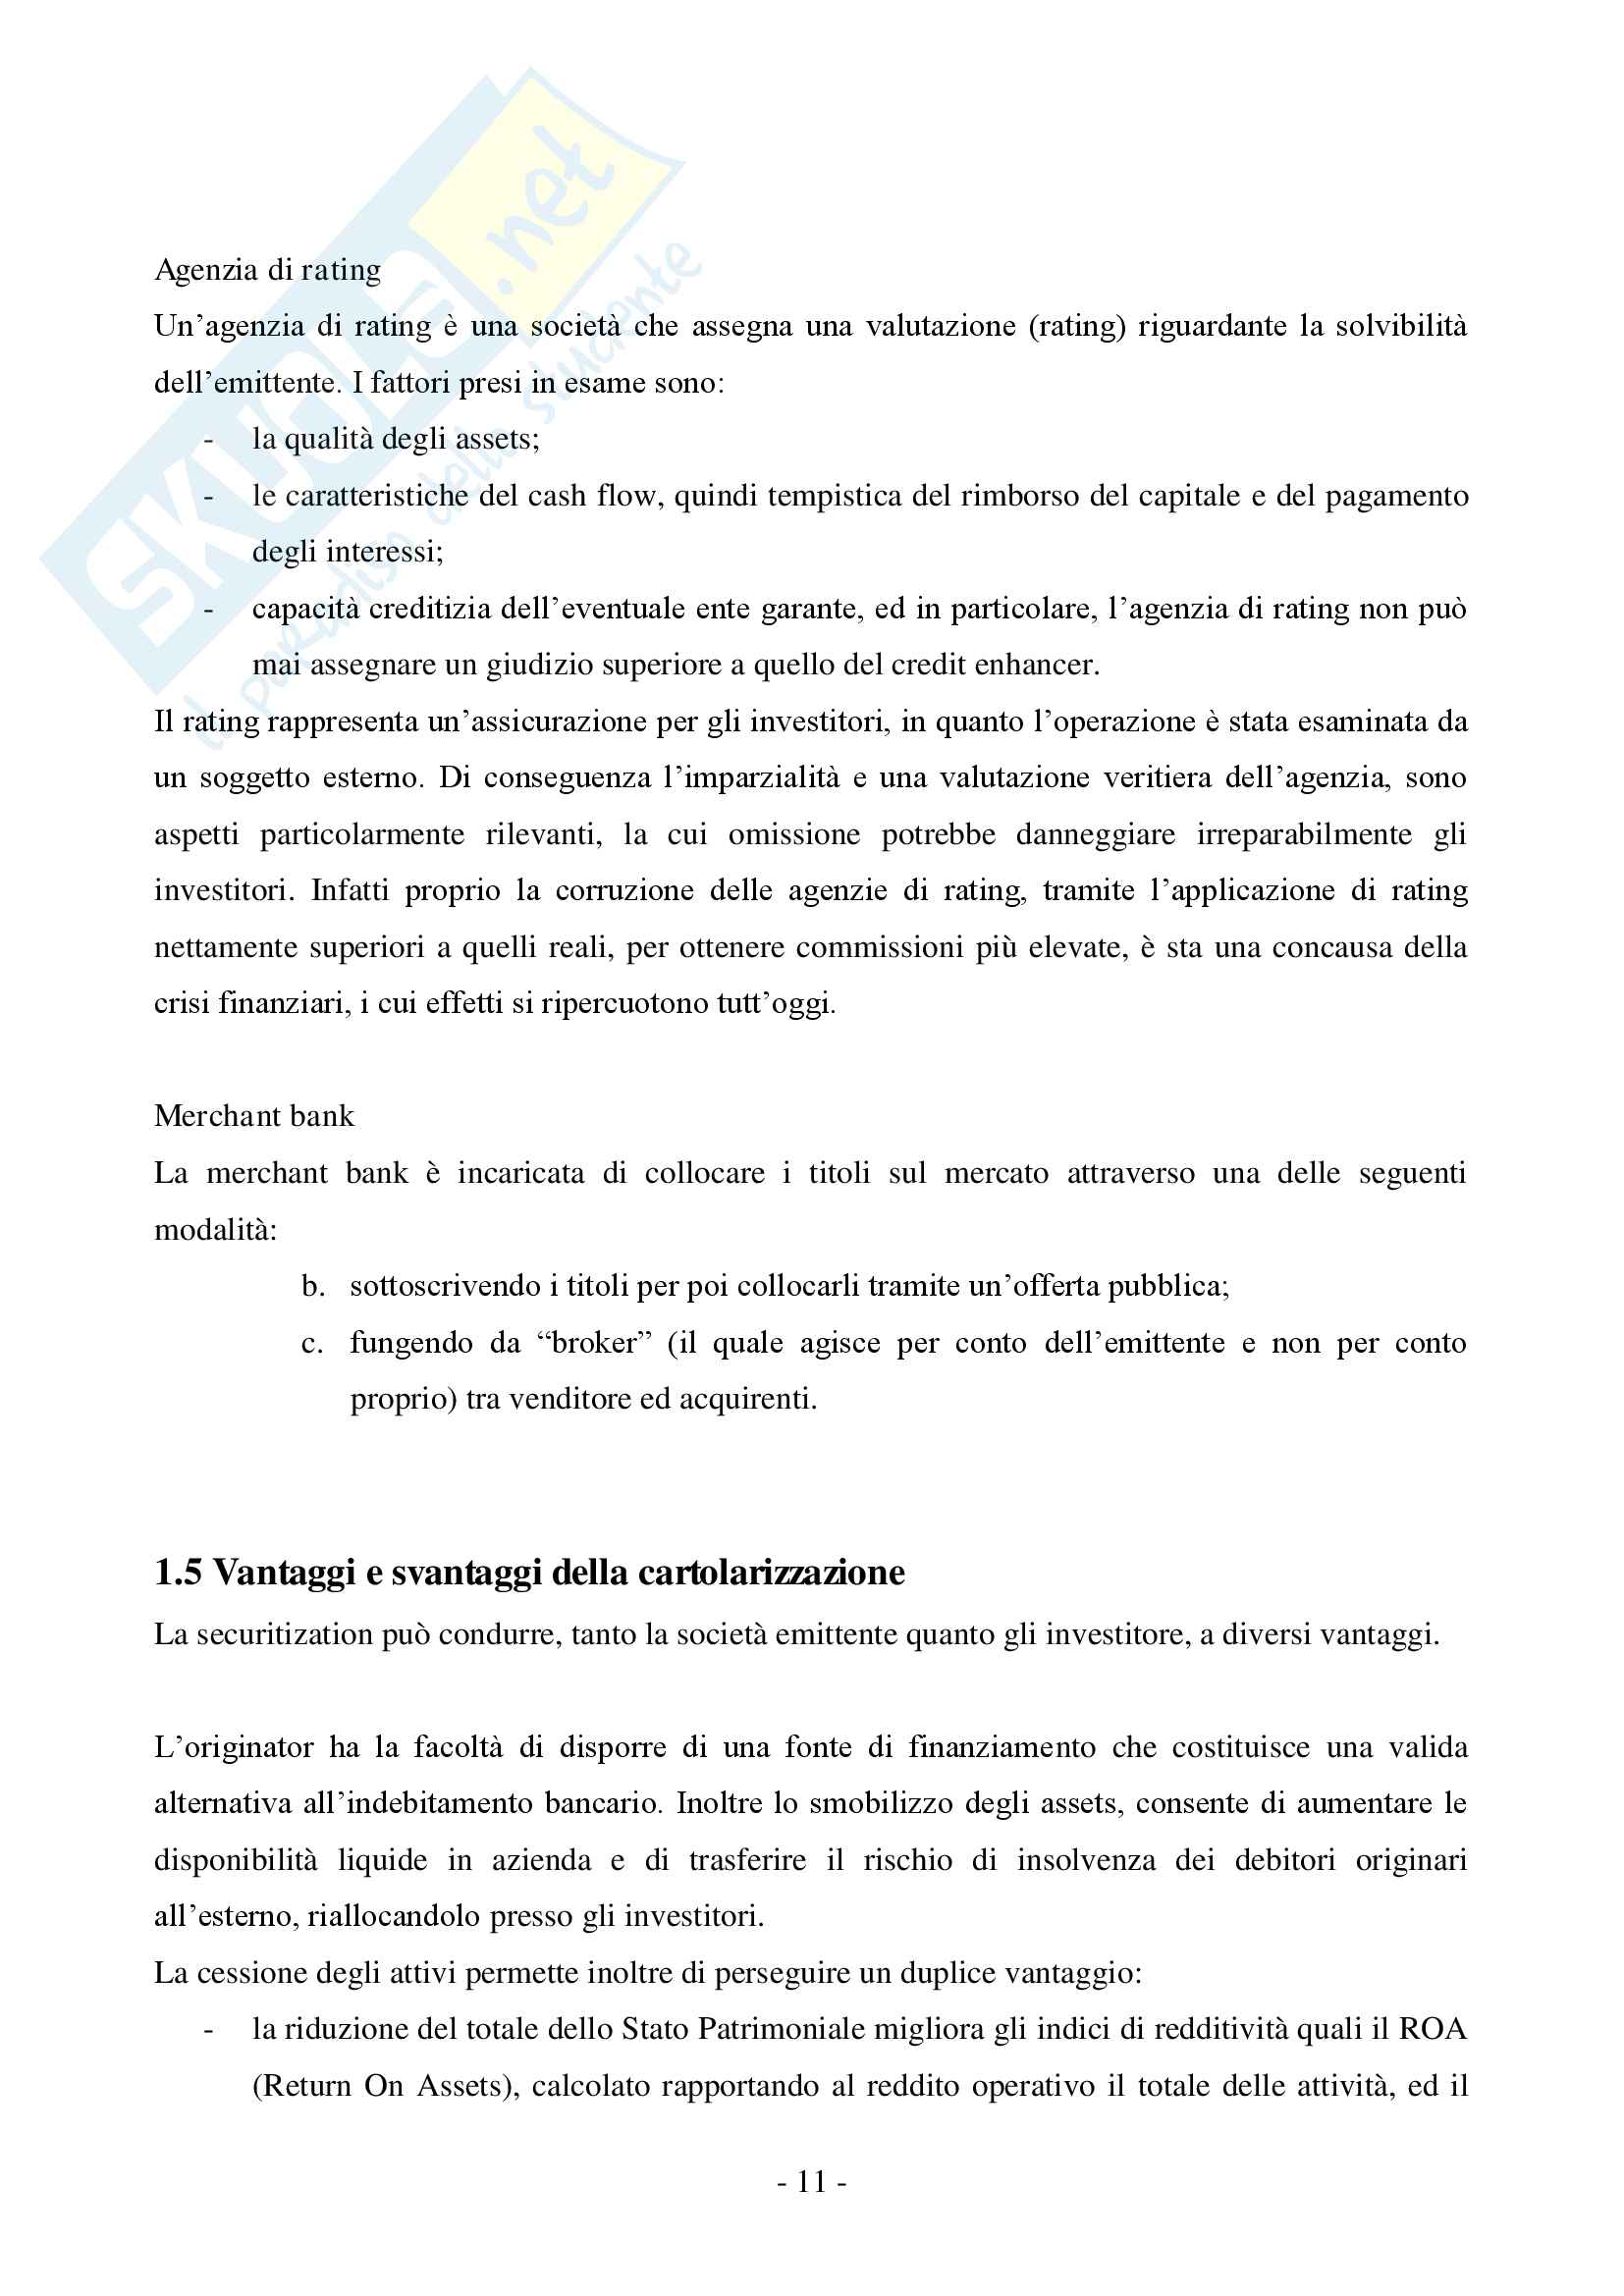 La cartolarizzazione dei crediti Pag. 11